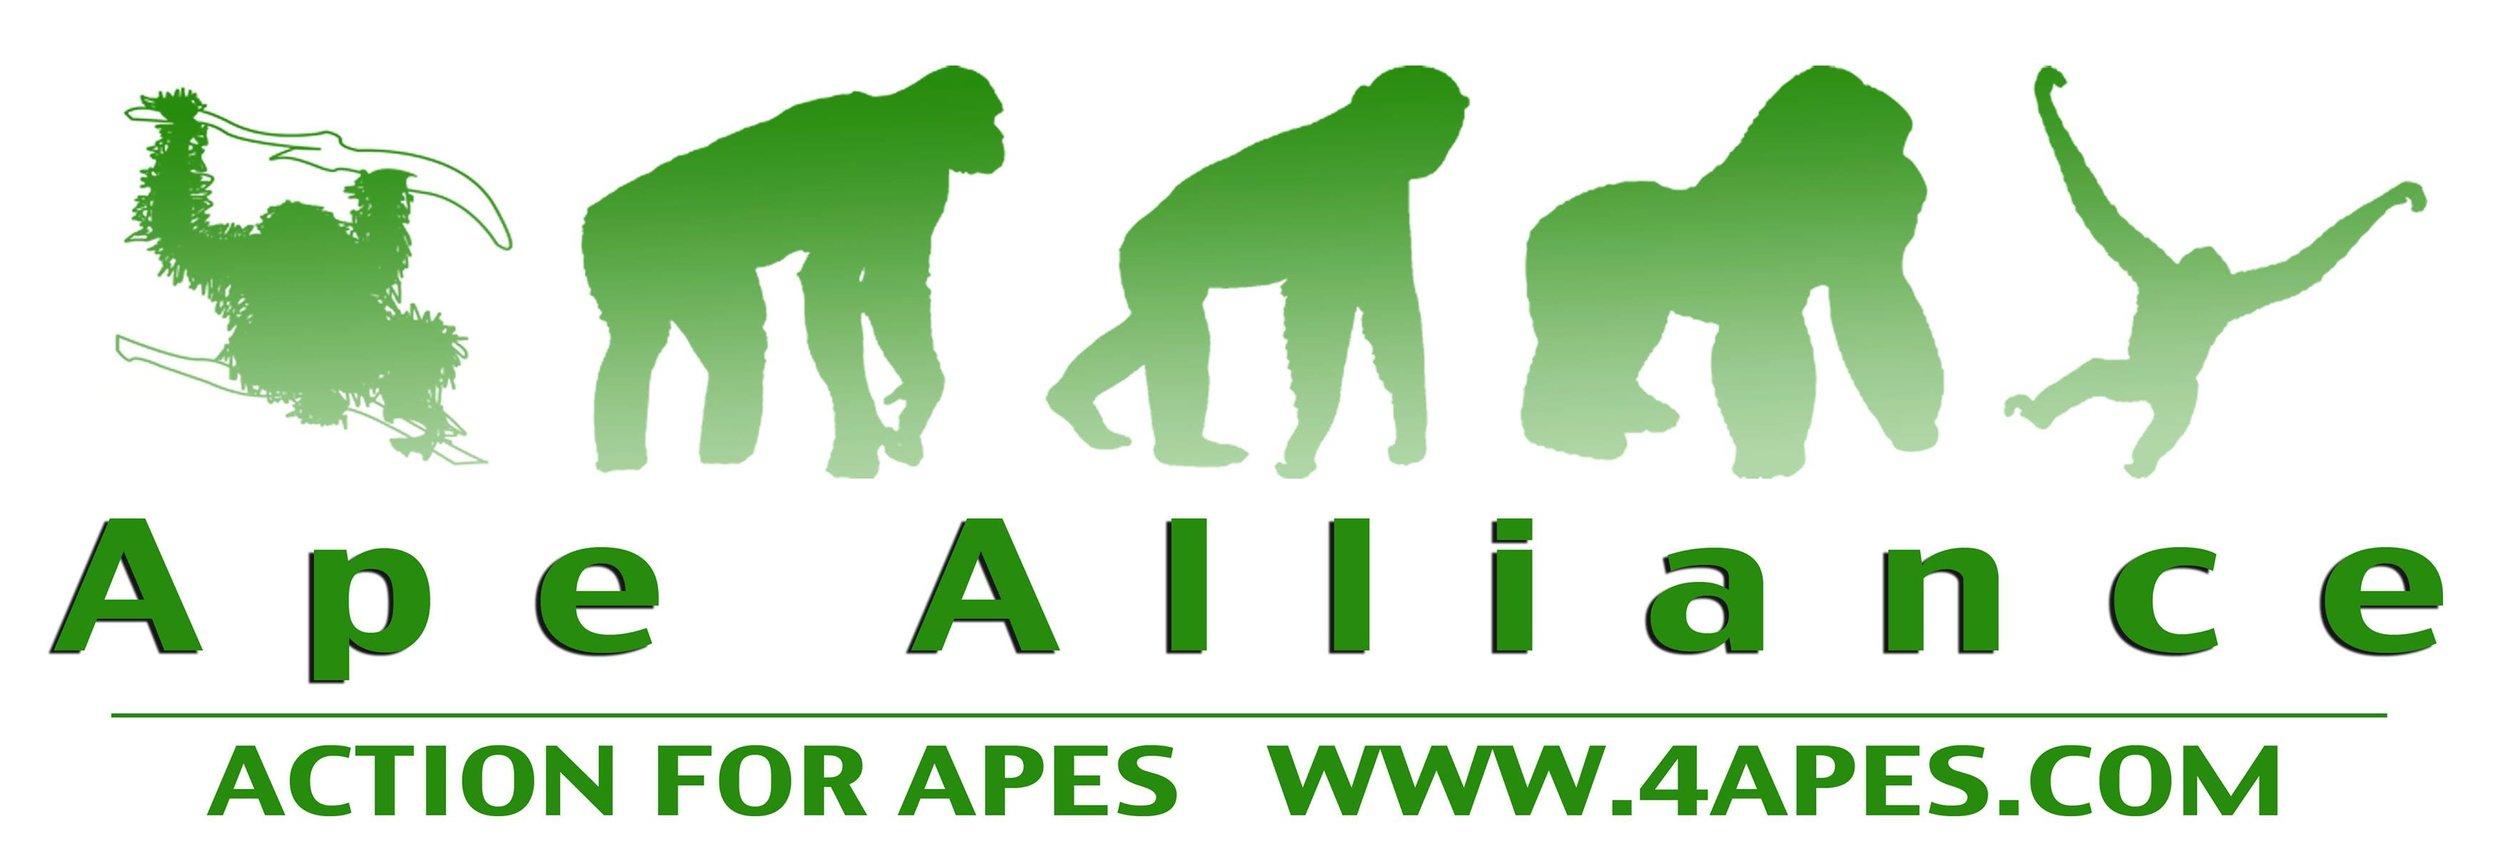 ApeAlliance.jpg